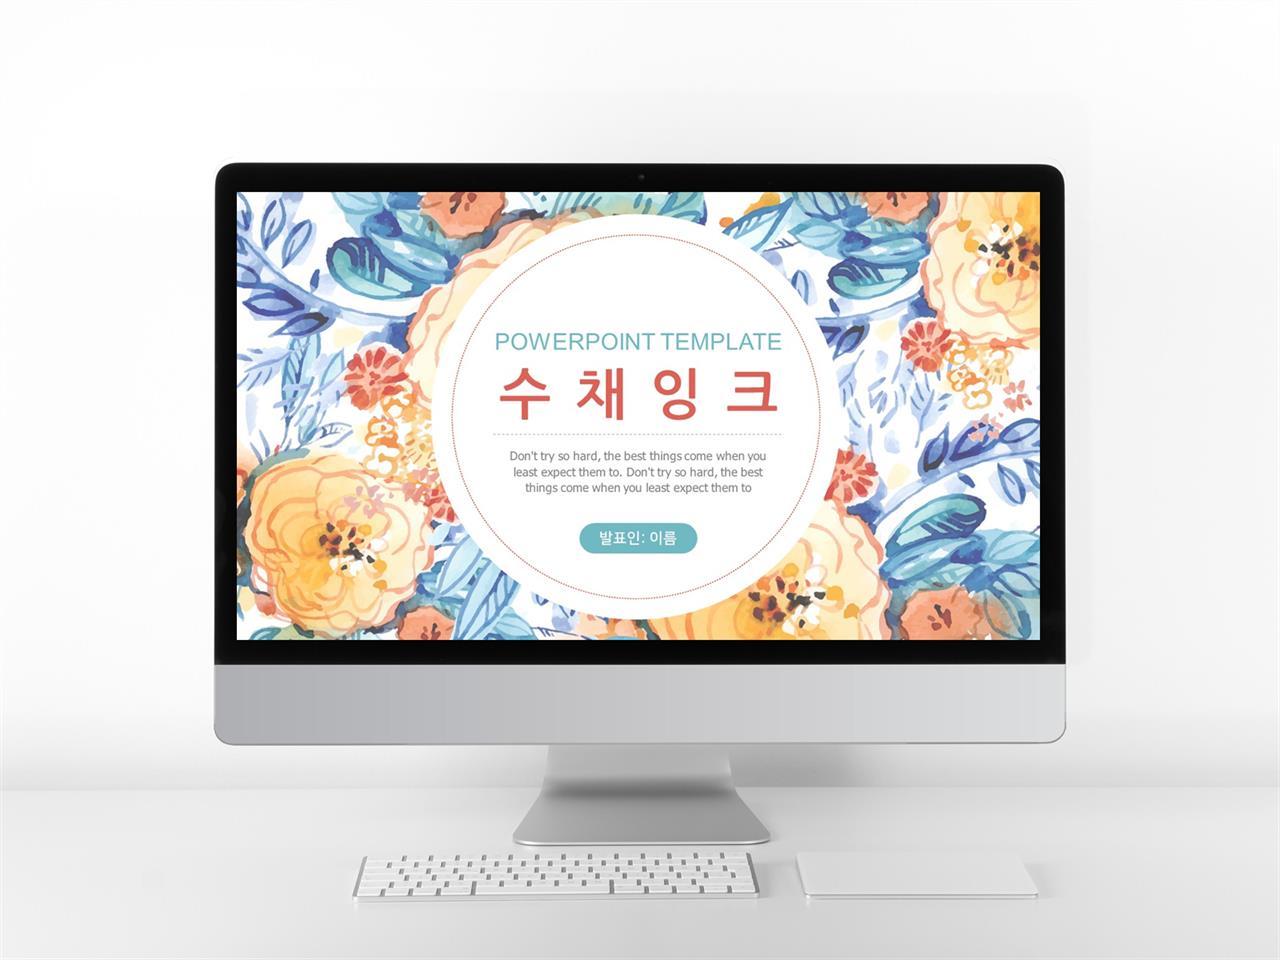 꽃과 동식물 주제 자색 잉크느낌 고급형 피피티양식 디자인 미리보기